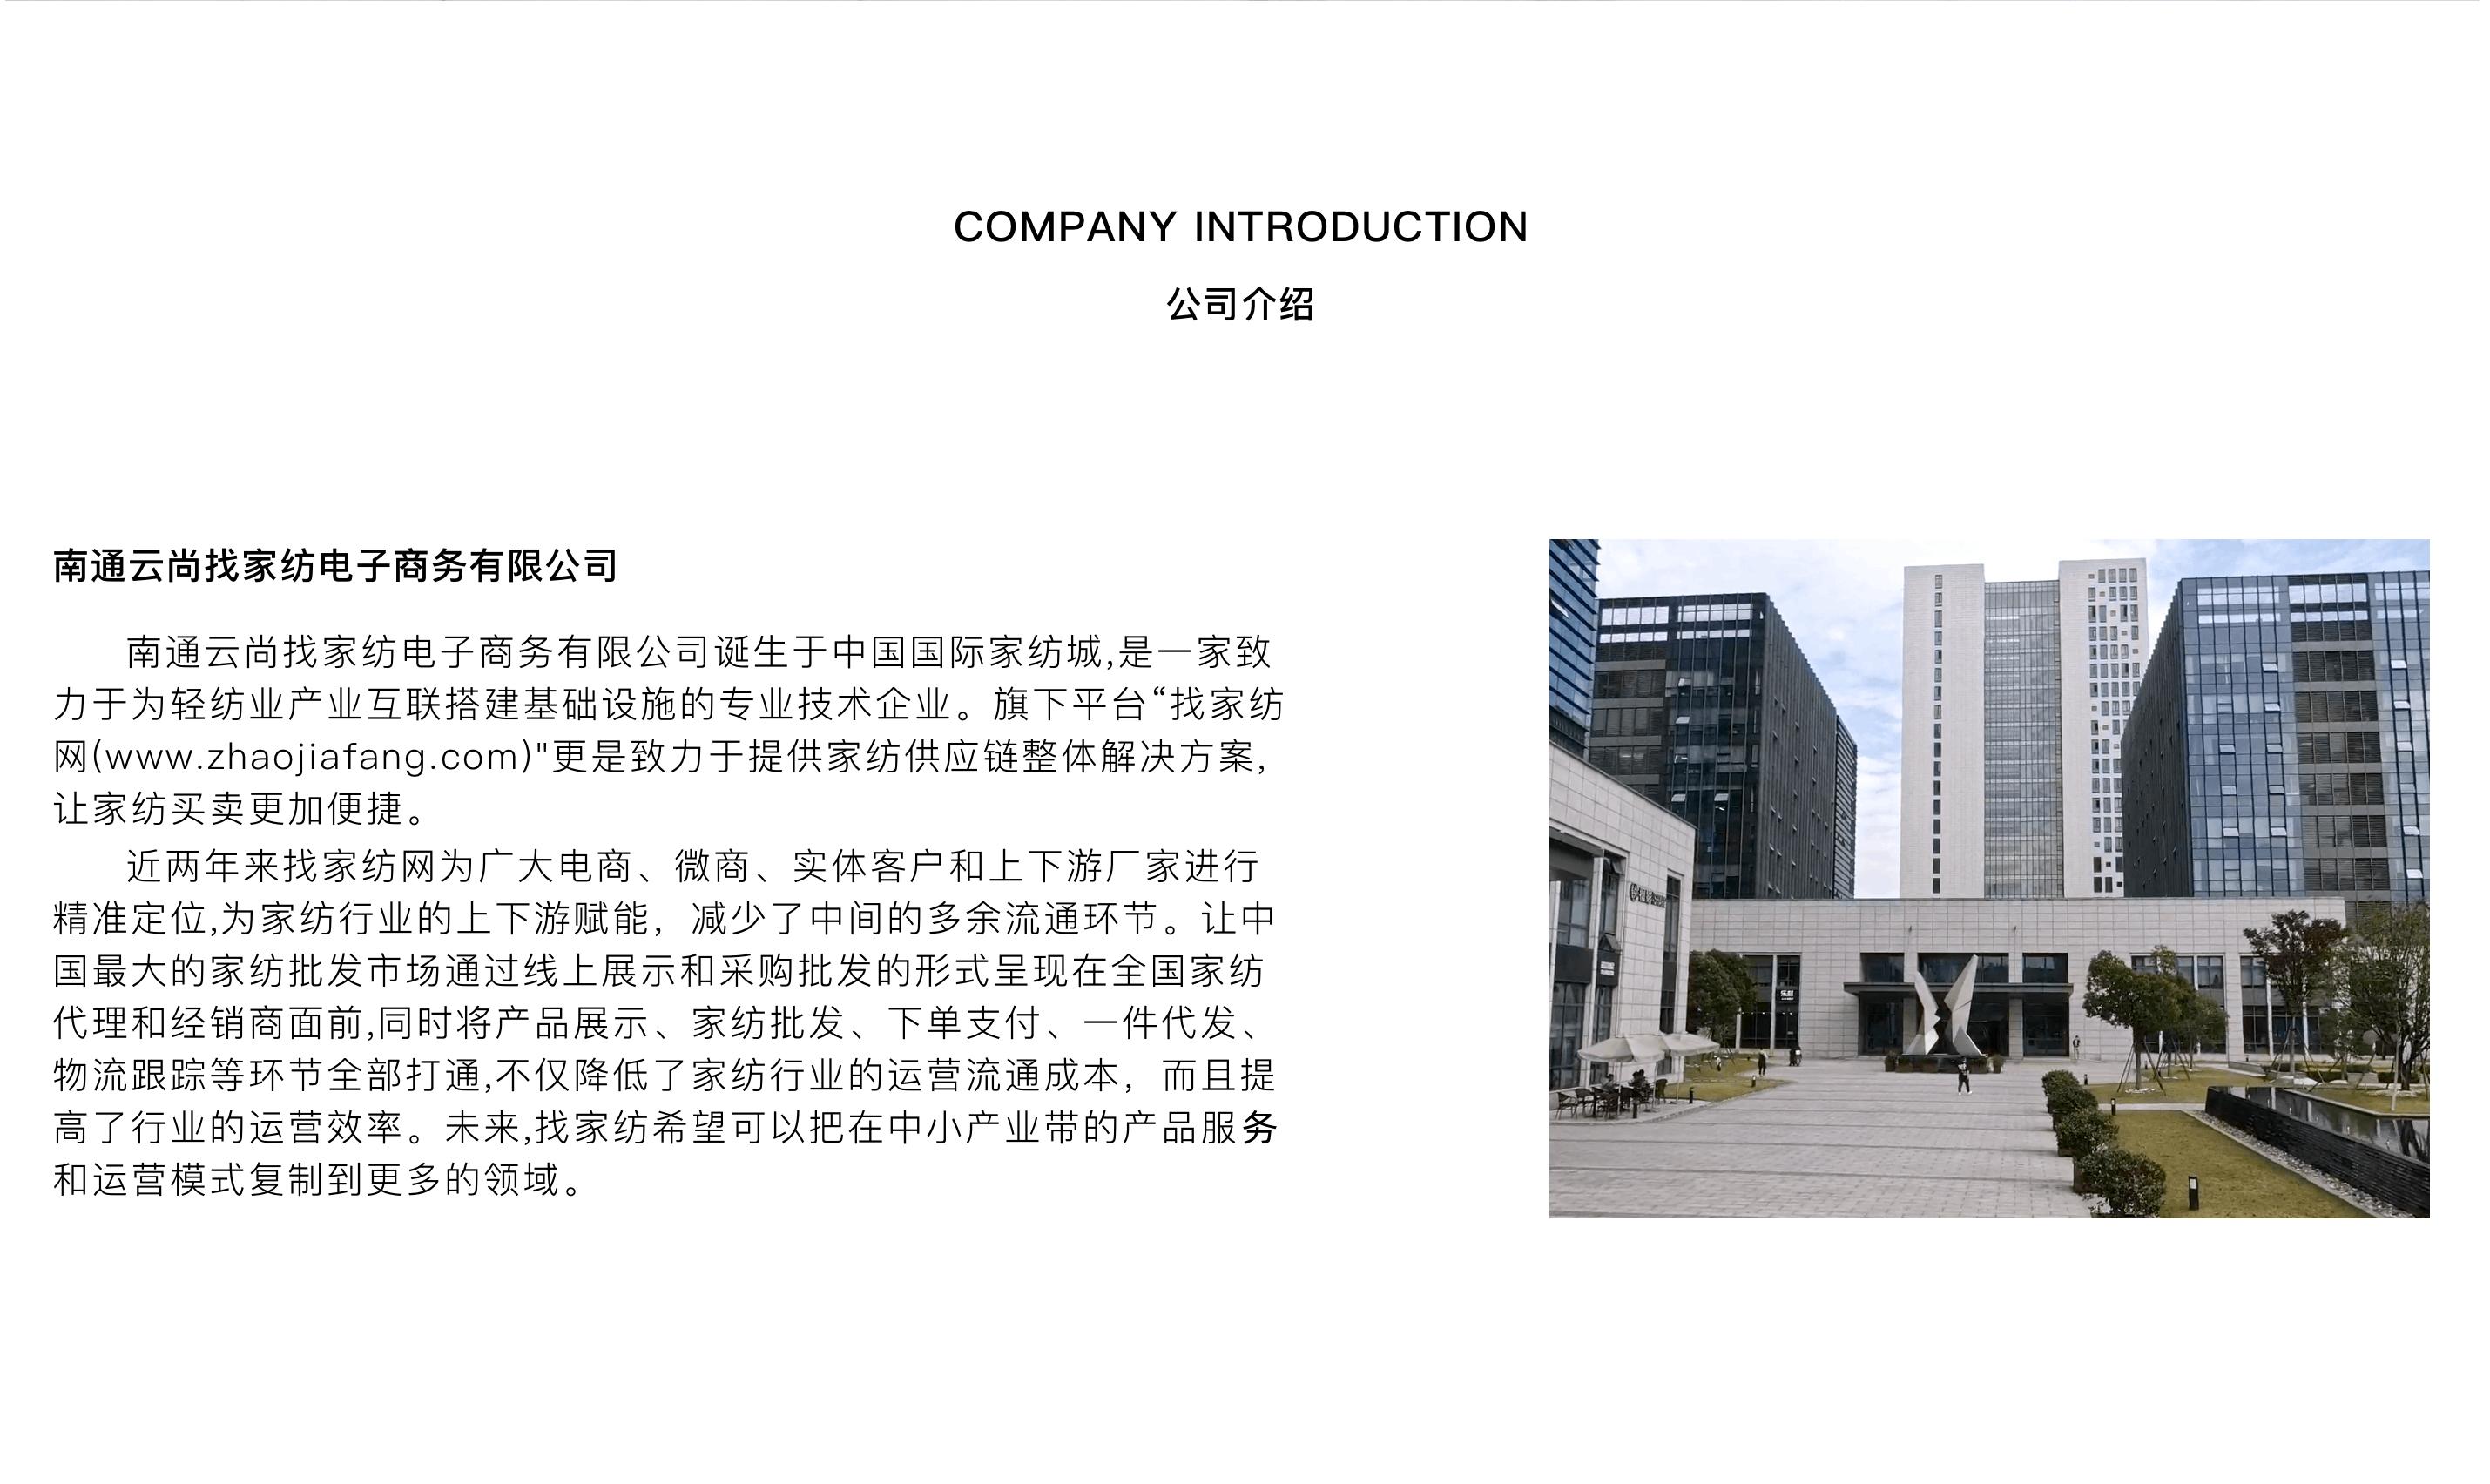 http://qiniu.zhaojiafang.com/data/upload/shop/article/QN06836605032420003.png